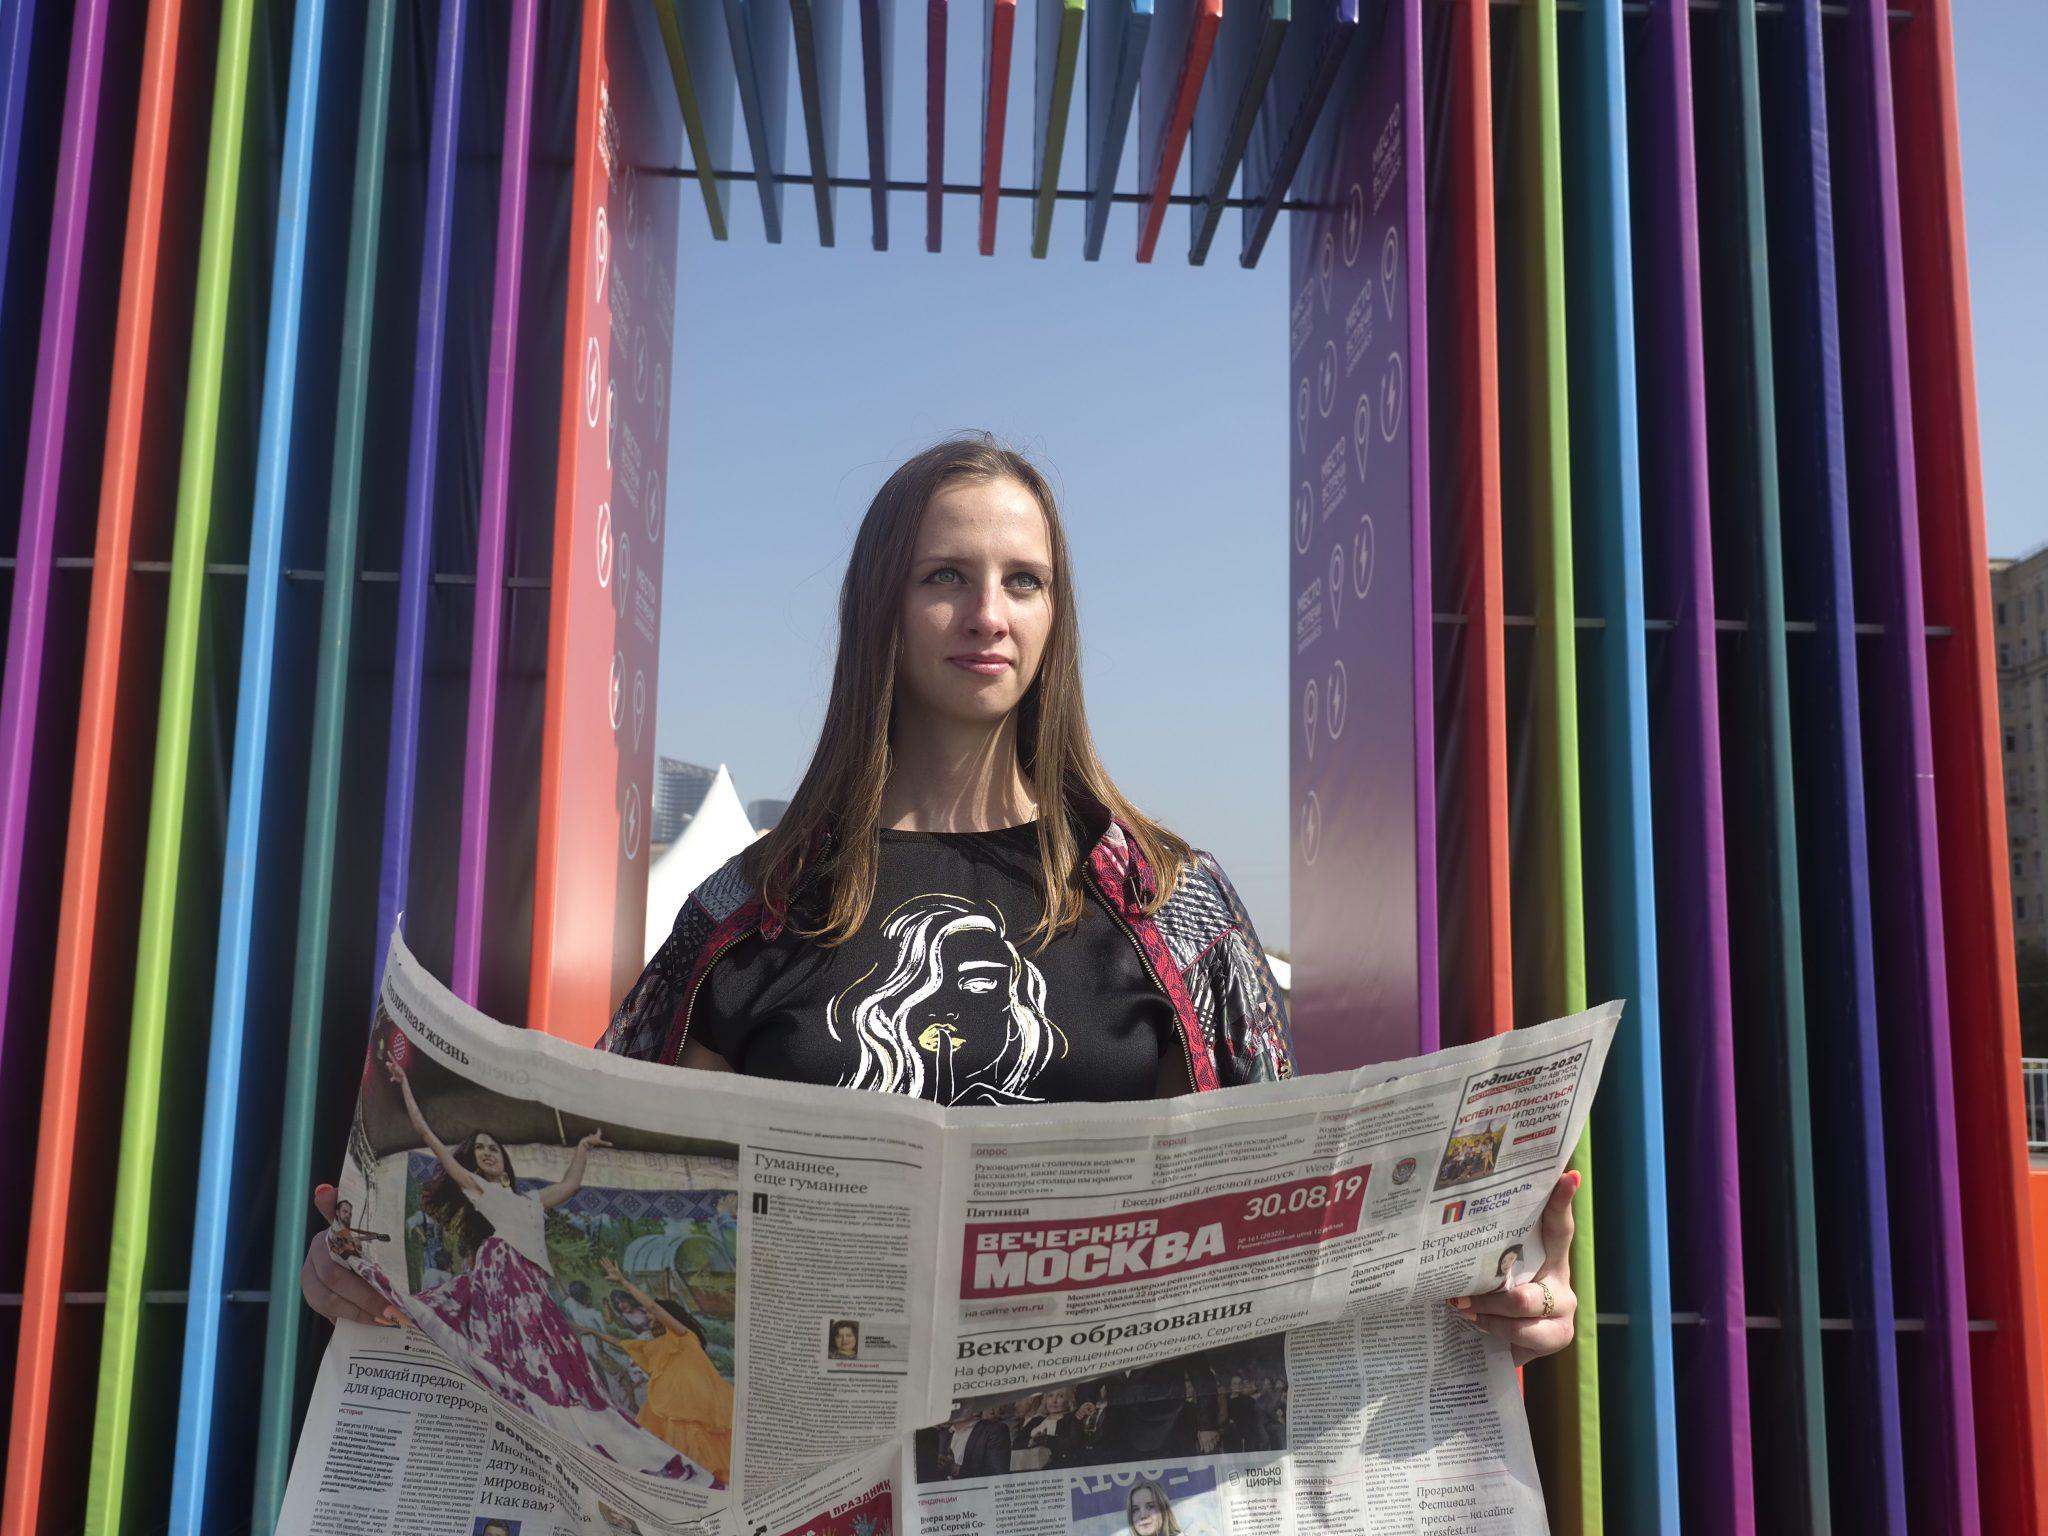 На службе у госпожи Информации: понятие «пресса» объединяет сегодня бумажные и электронные СМИ